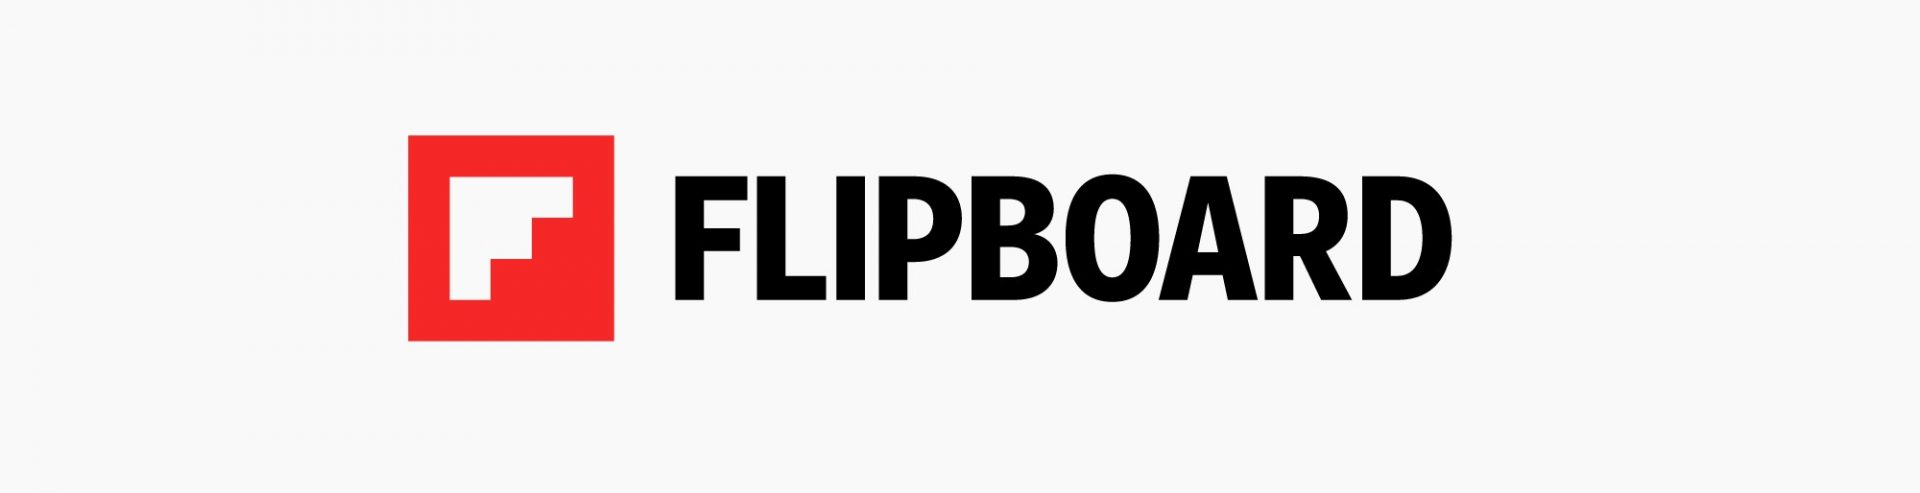 Flipboard installazione dell'app per le notizie